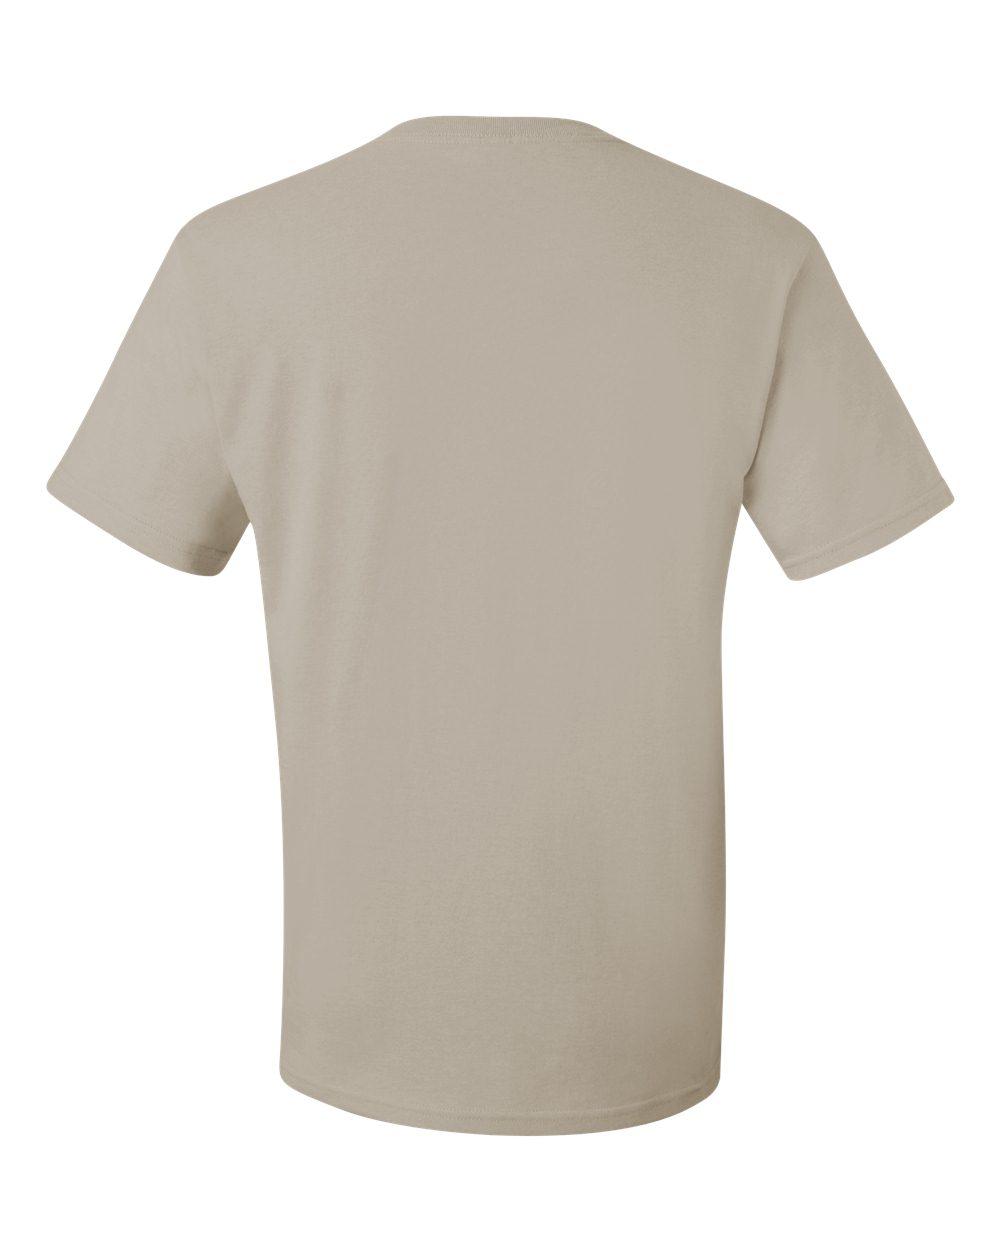 Jerzees-Men-039-s-5-6-oz-50-50-Heavyweight-Blend-T-Shirt-29M-S-4XL thumbnail 28